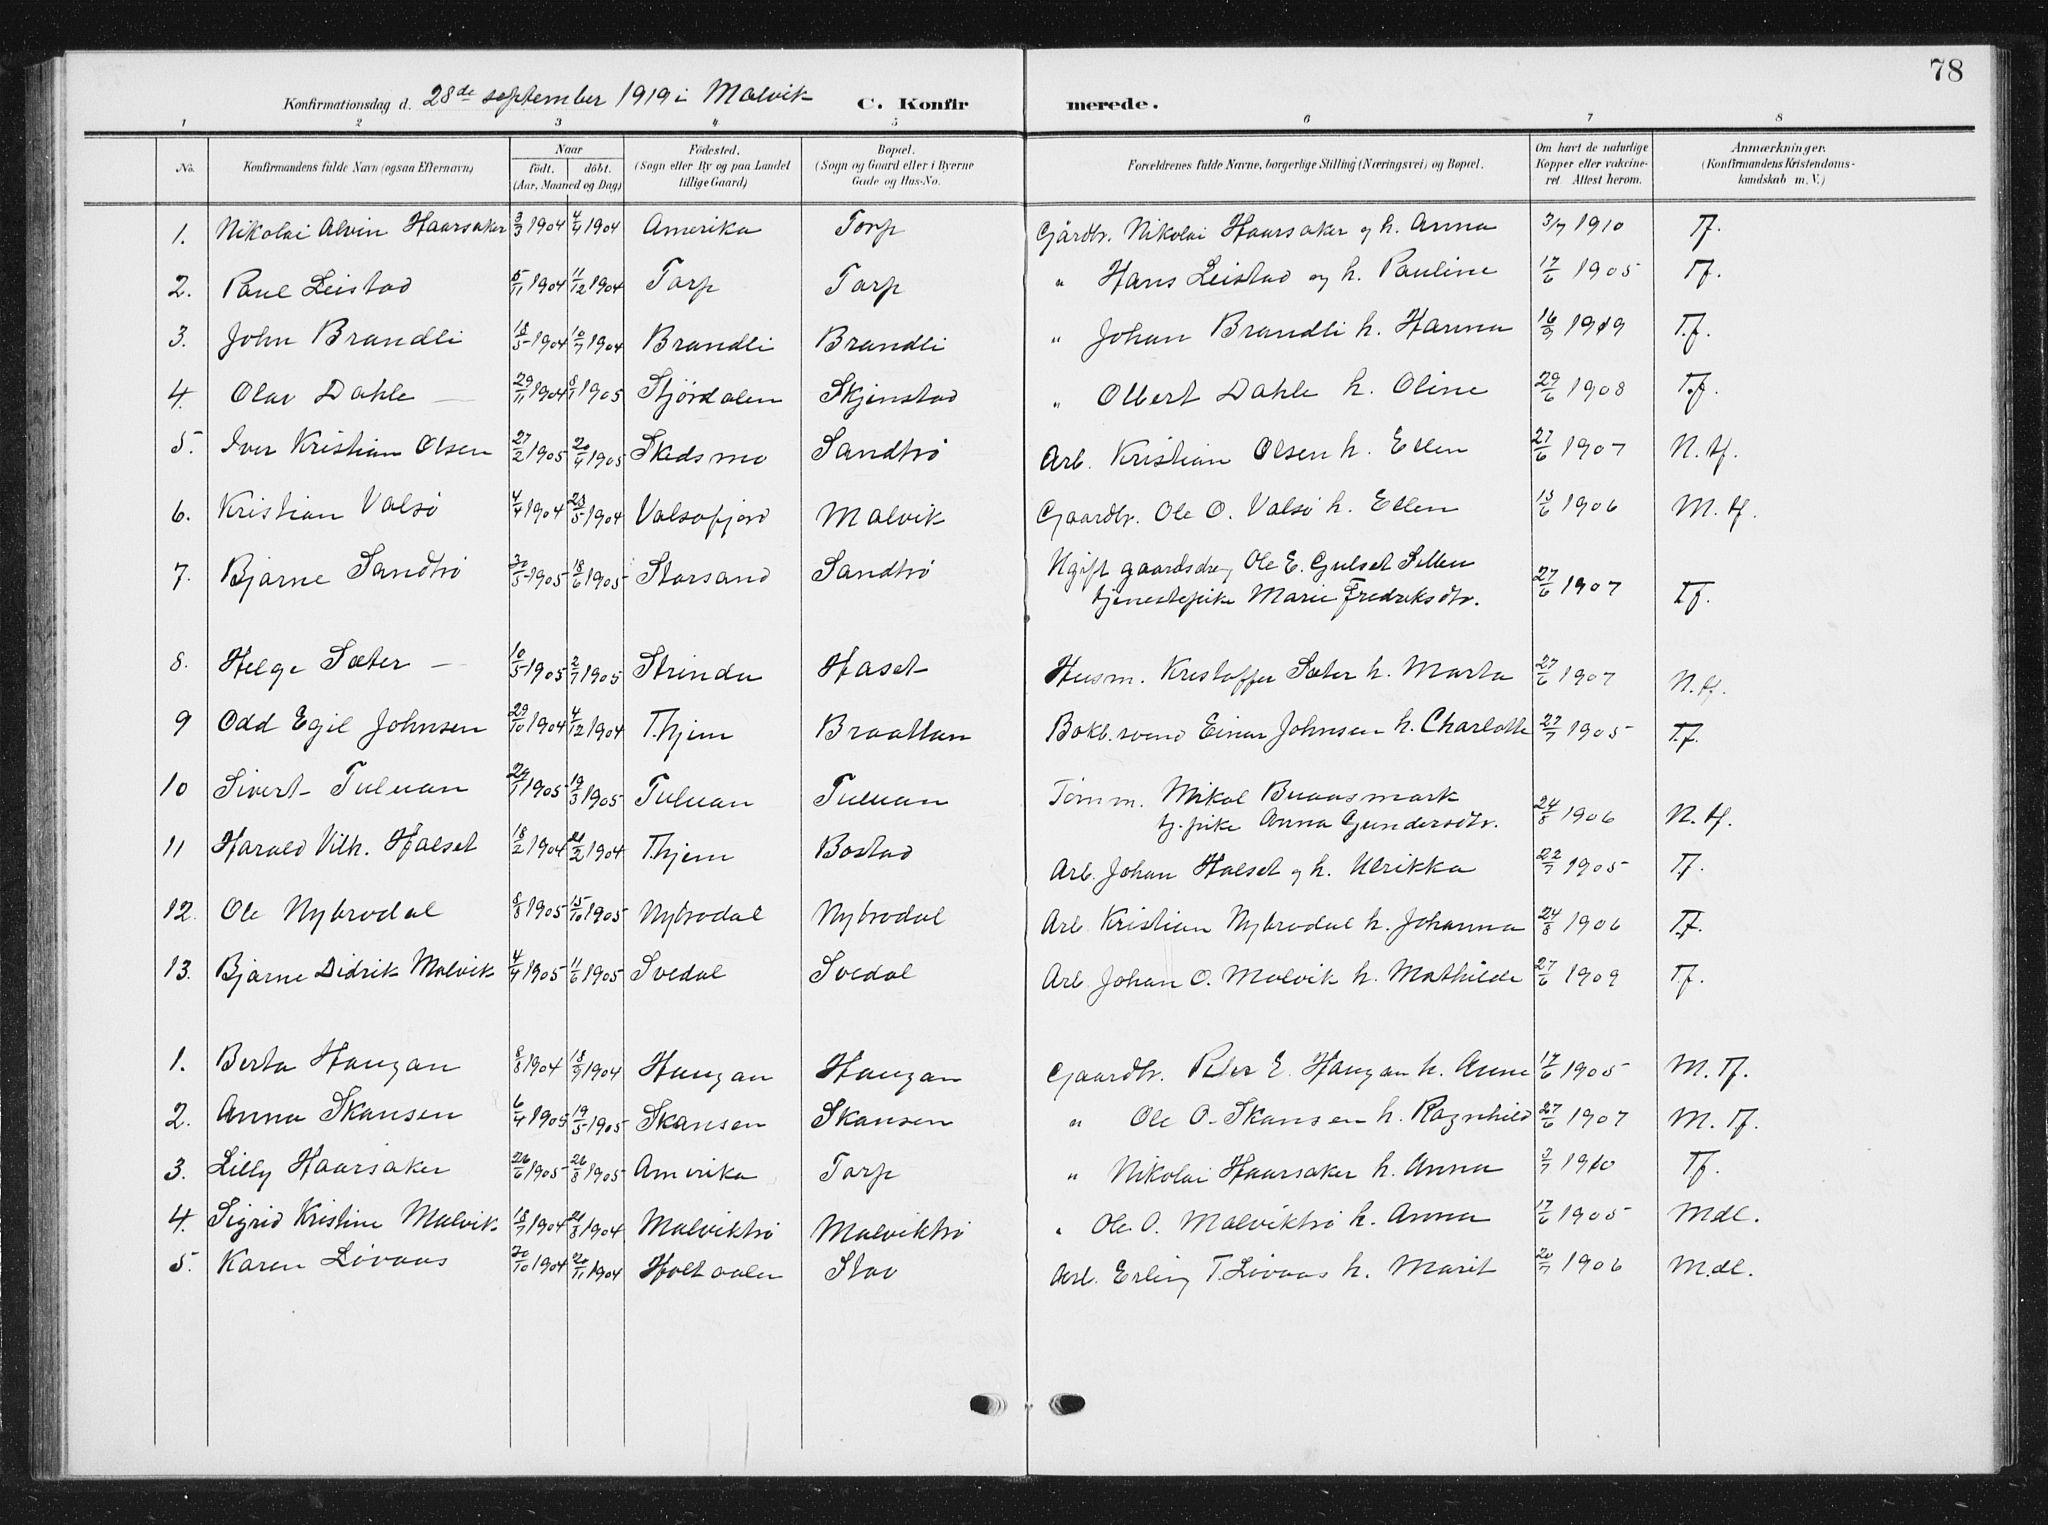 SAT, Ministerialprotokoller, klokkerbøker og fødselsregistre - Sør-Trøndelag, 616/L0424: Klokkerbok nr. 616C07, 1904-1940, s. 78